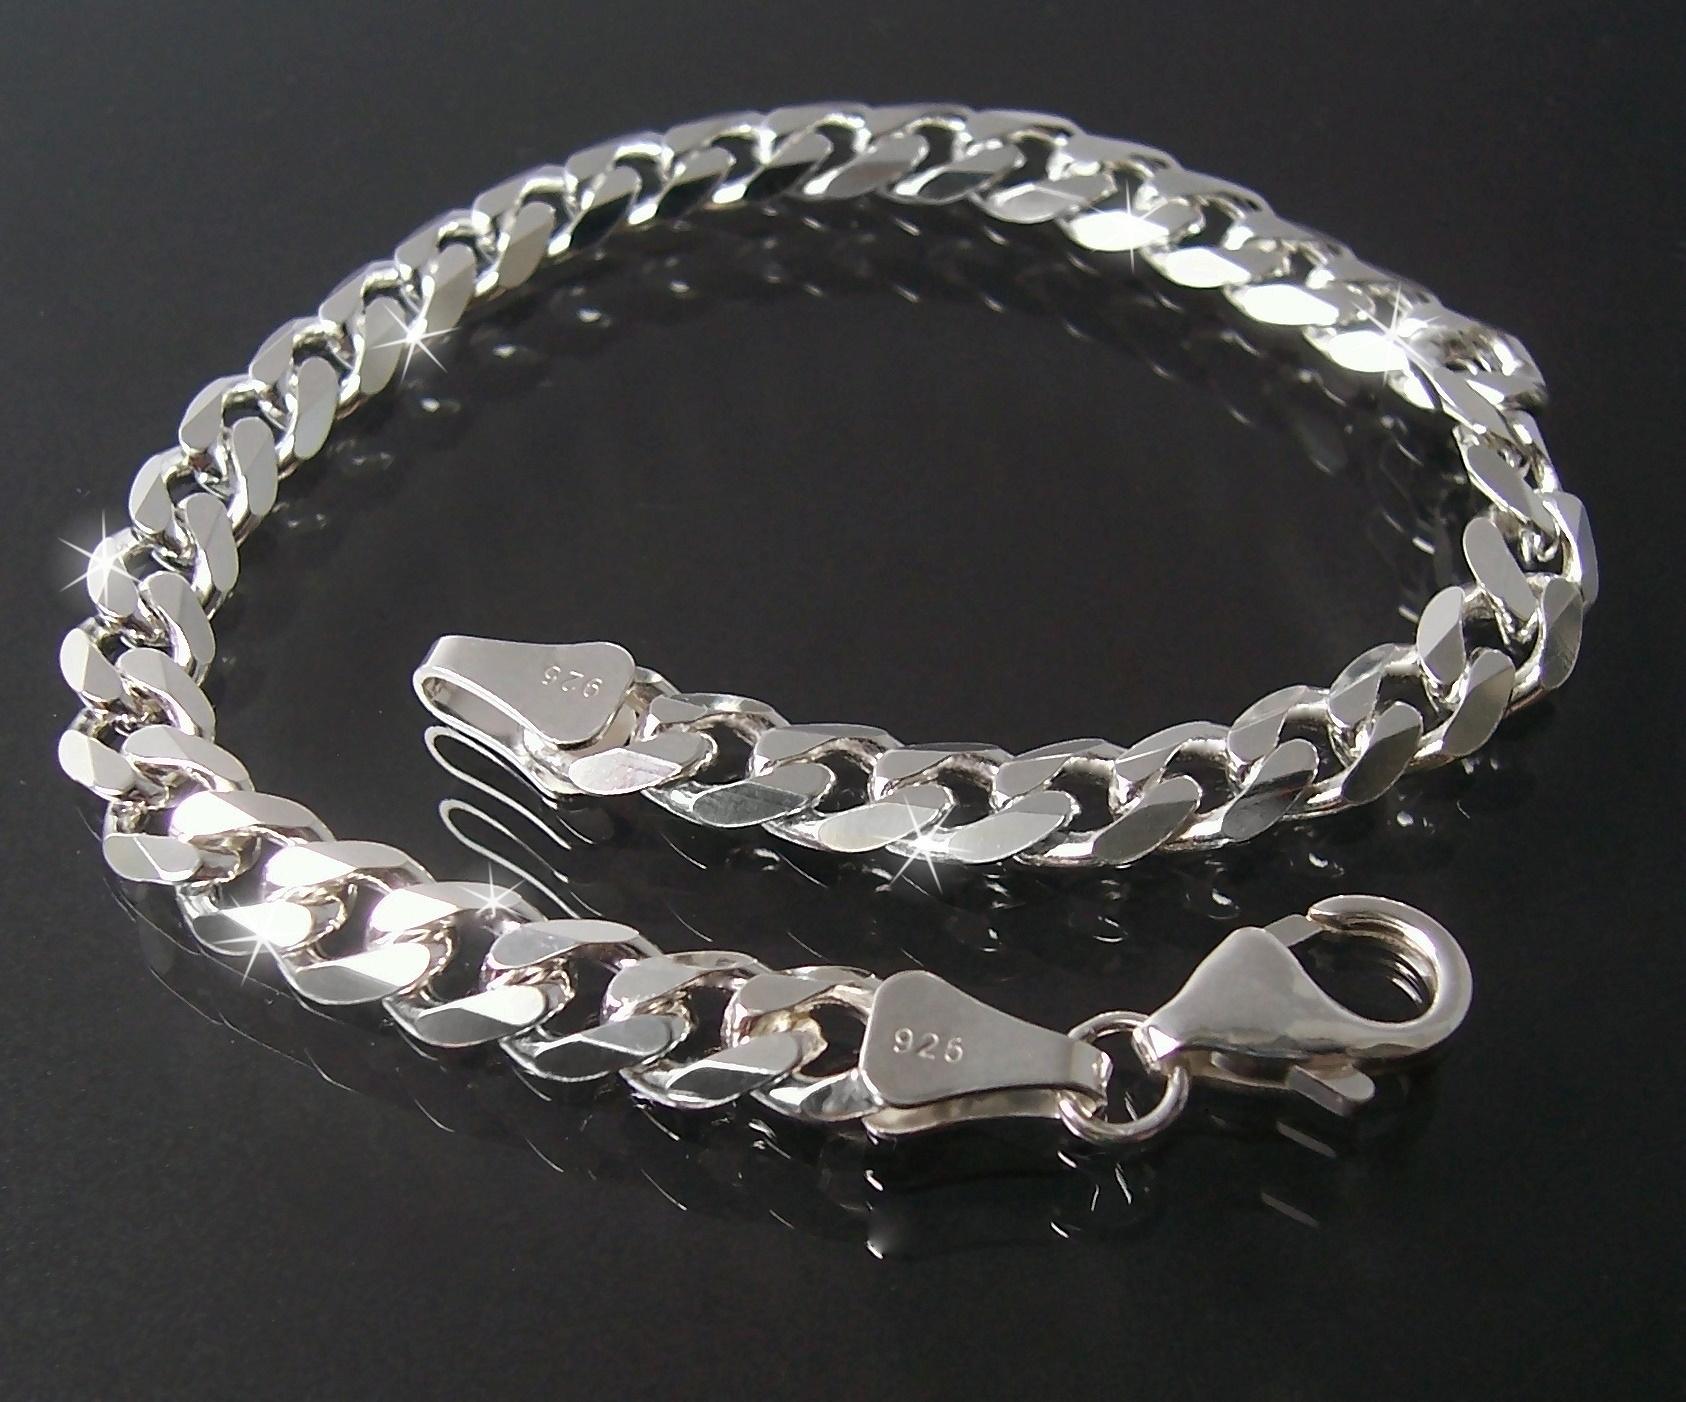 Silberschmuck-echt-925-Silber-diamantiert-Panzerarmband-Panzerkette-Herren-VE3